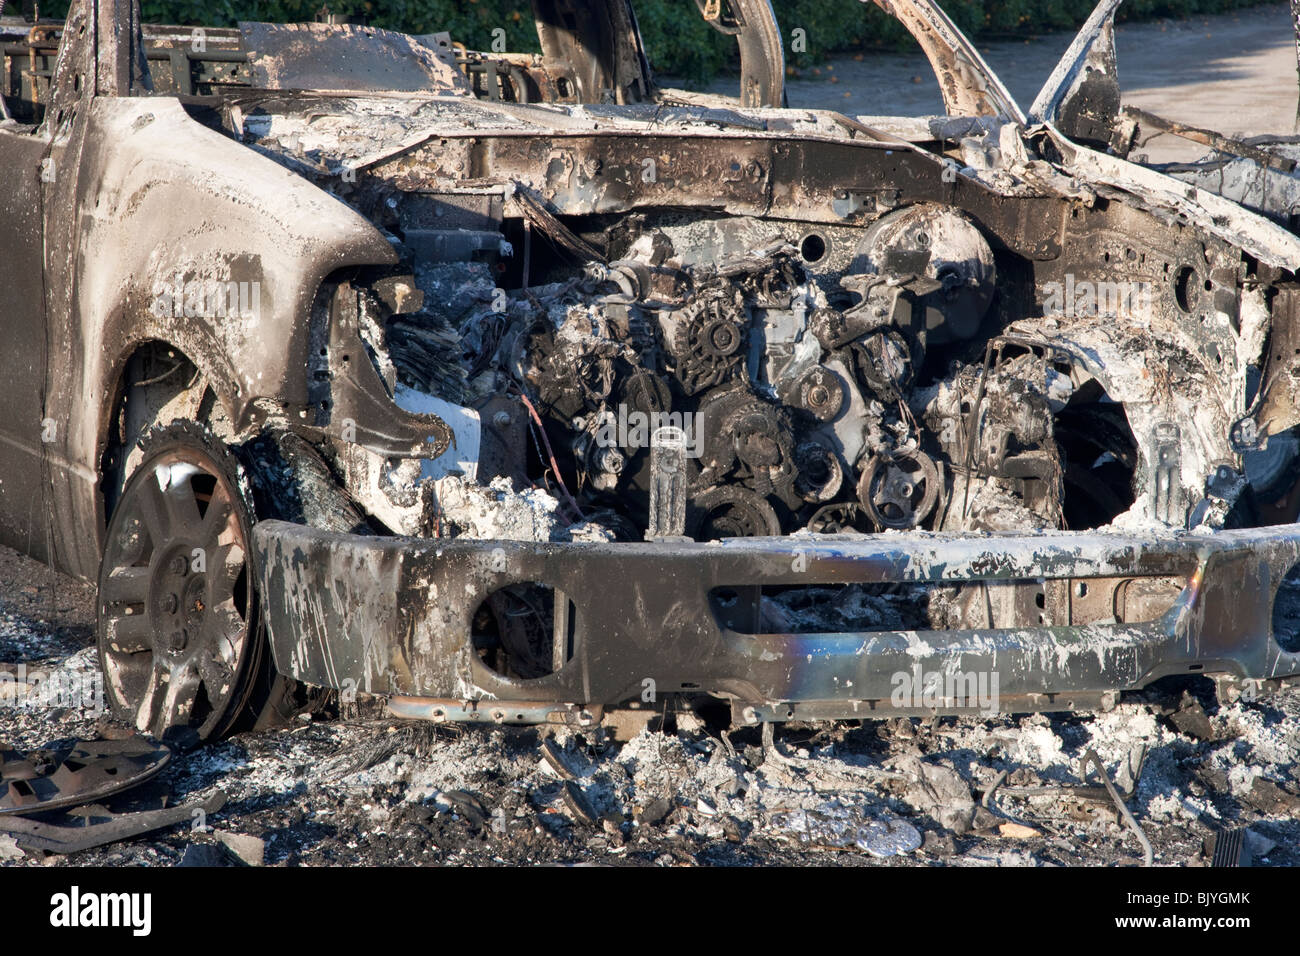 """Motore, bruciate """" compatto """" raccoglitore. Immagini Stock"""